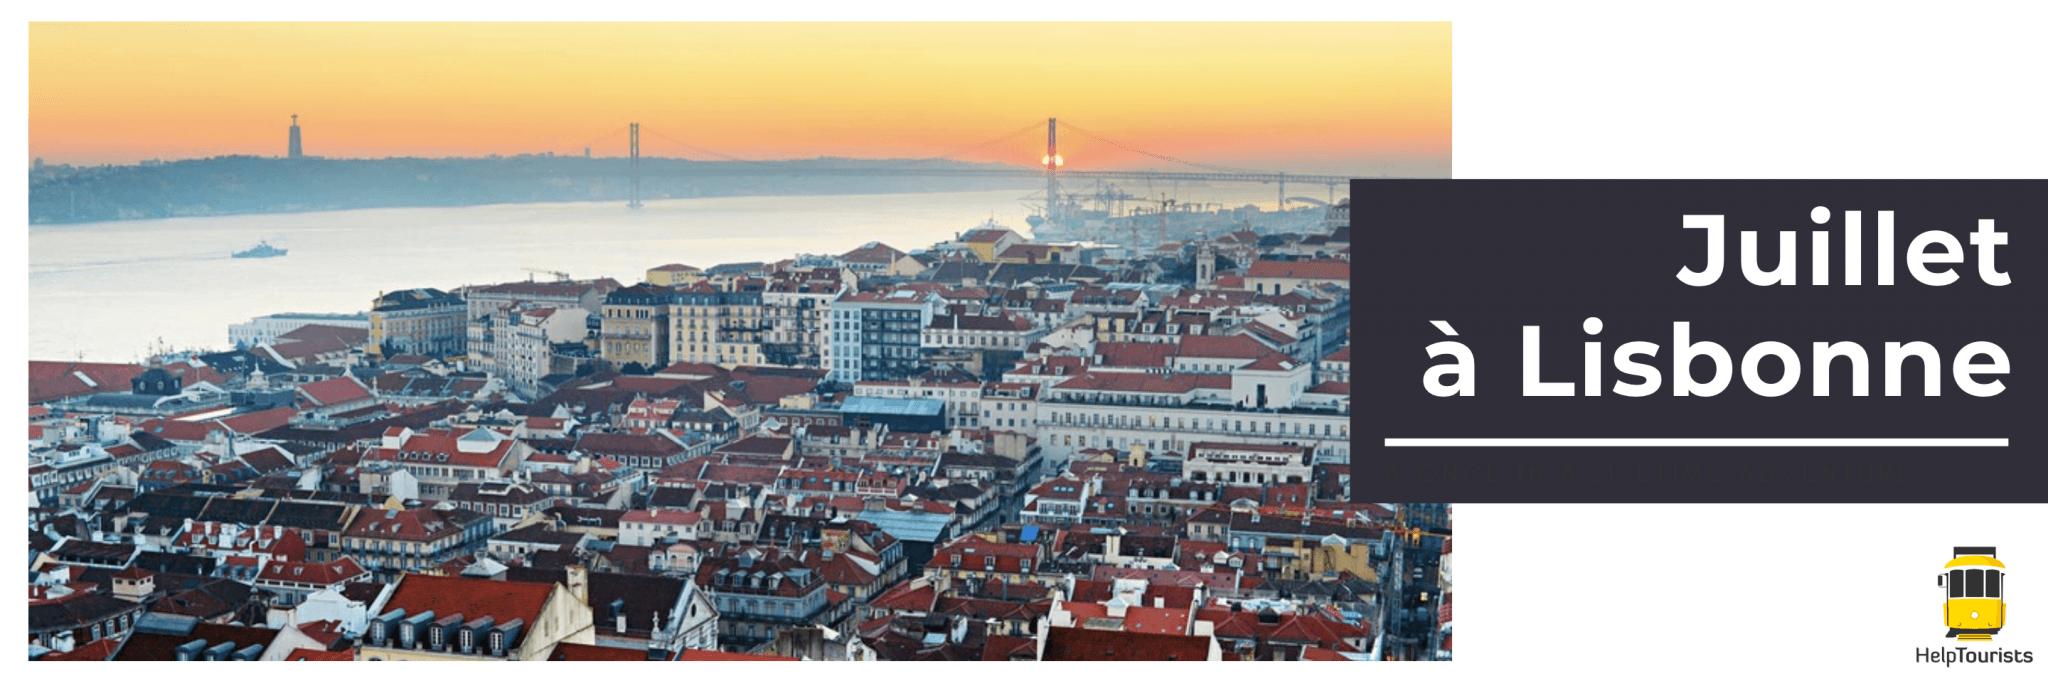 Juillet à Lisbonne